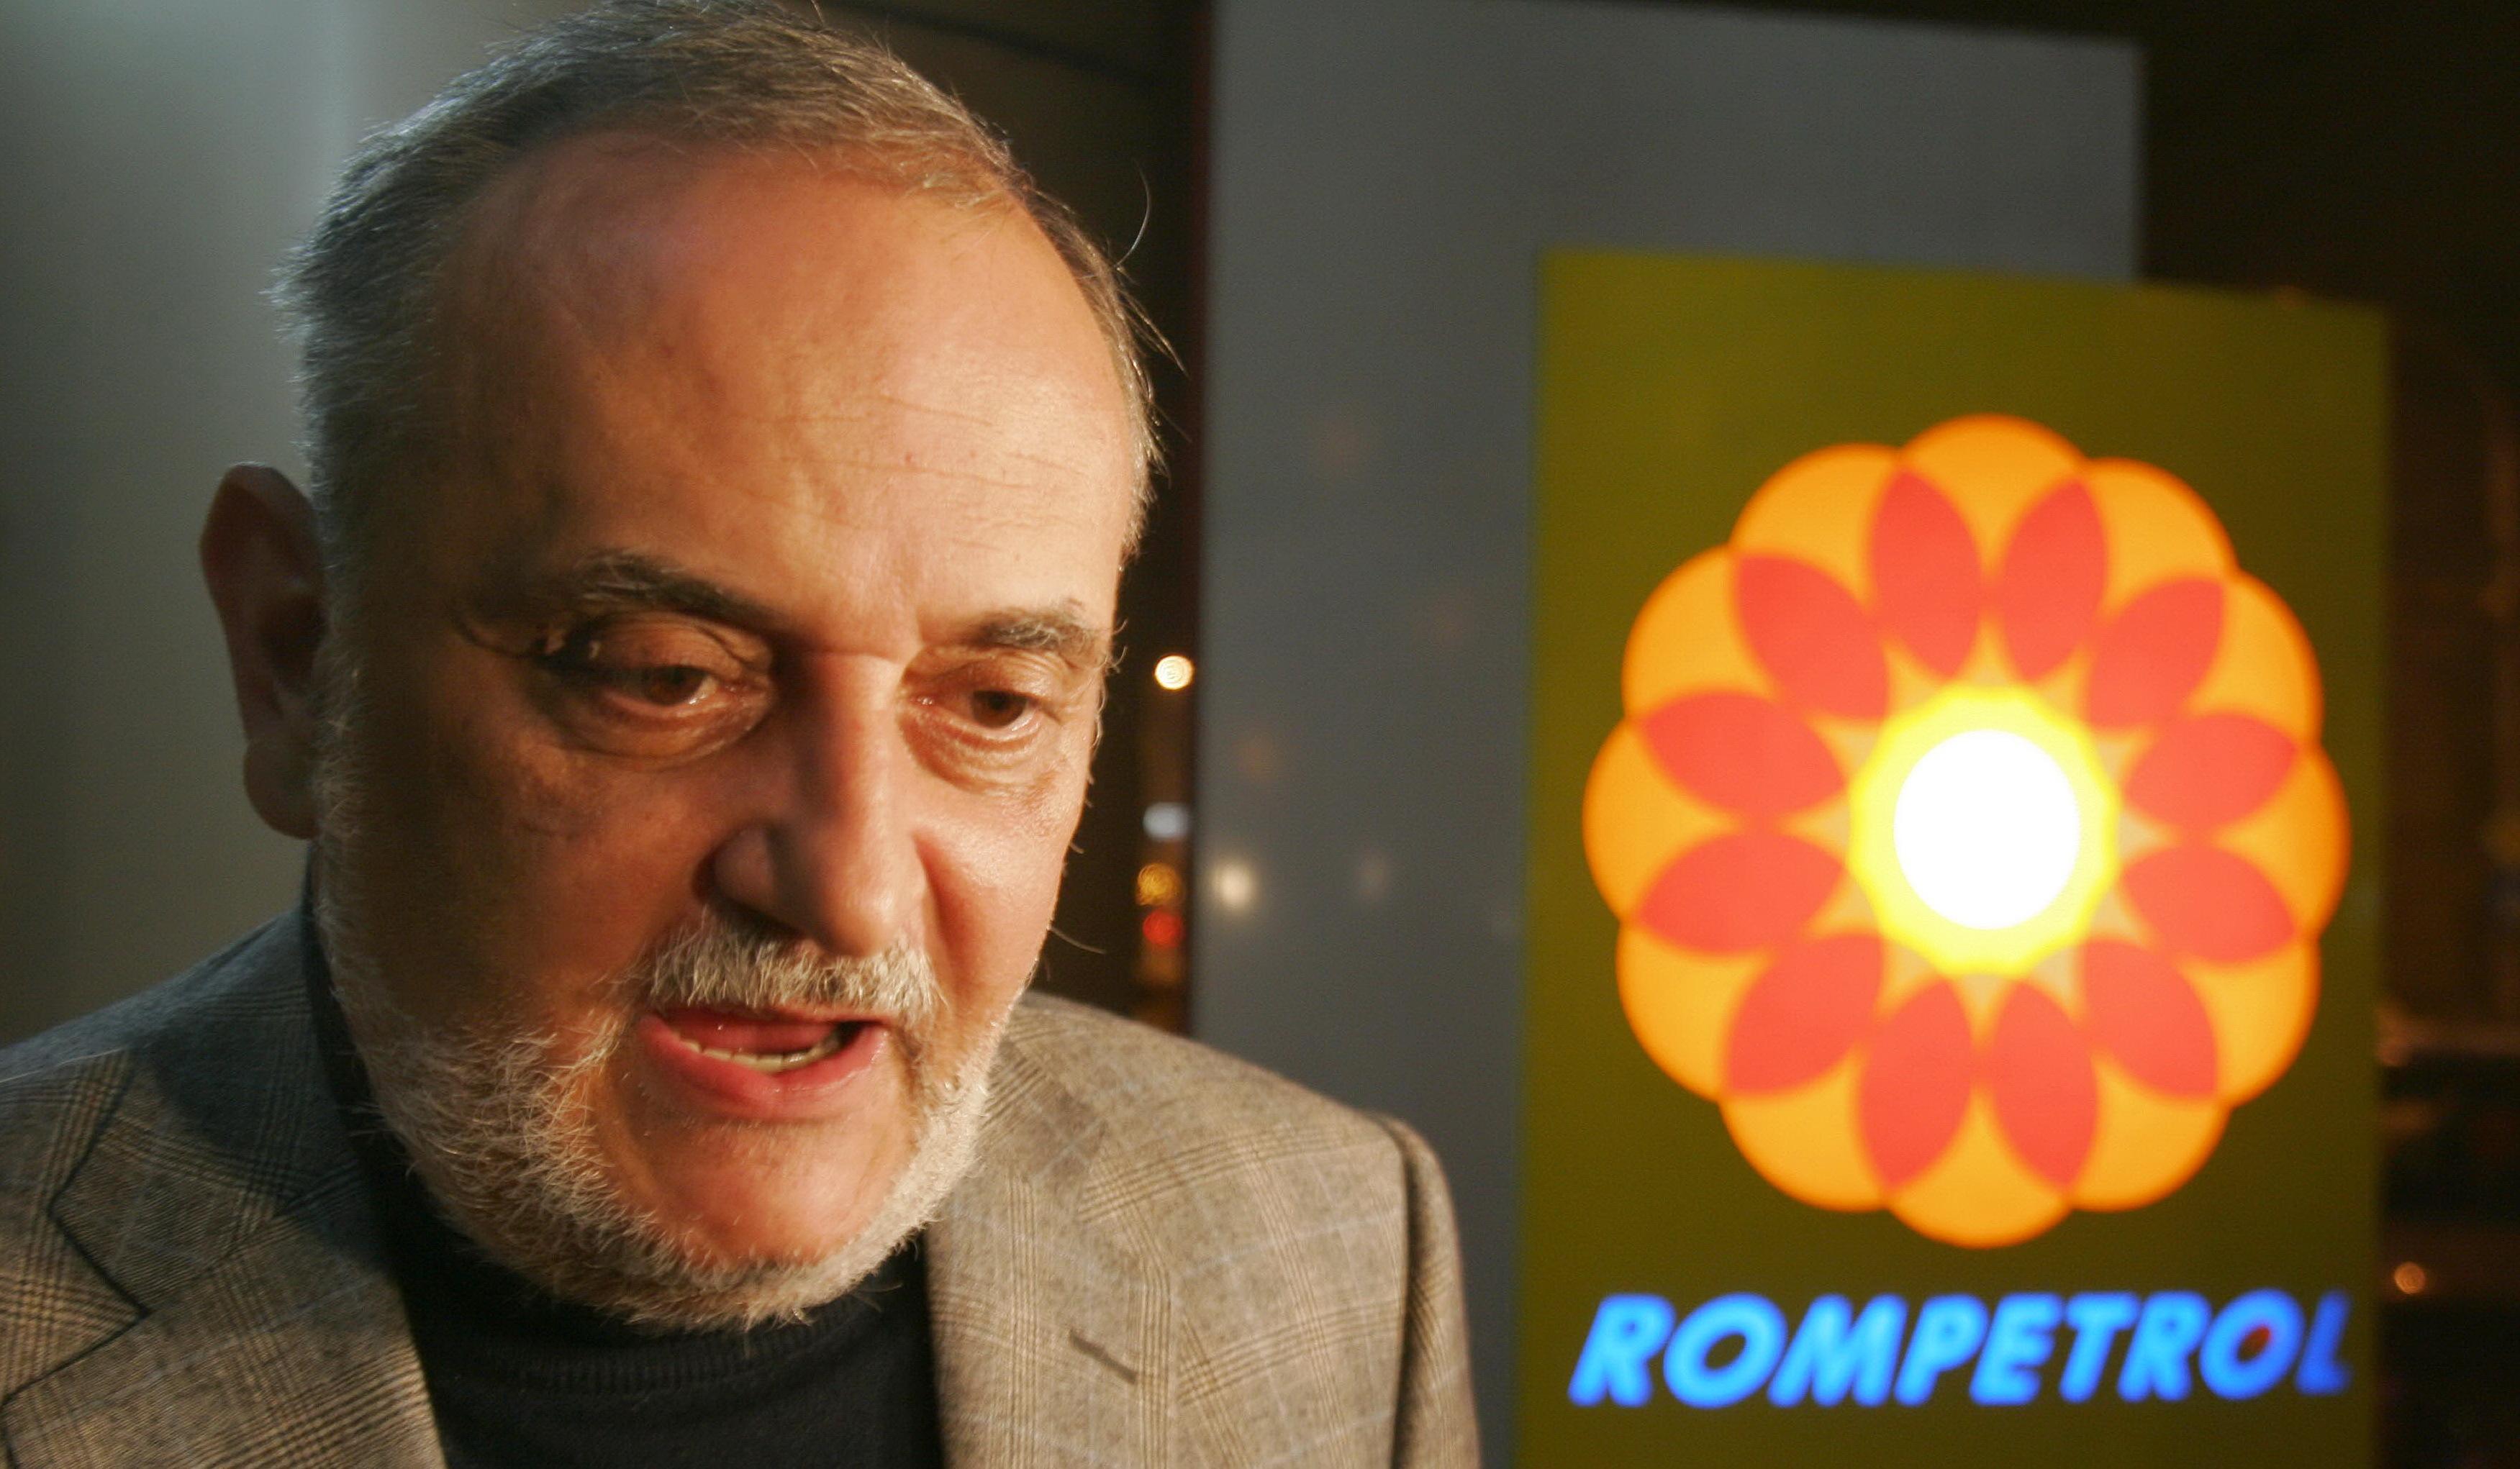 Cea mai mare afacere pe care a făcut-o Patriciu a început pe 1 noiembrie 2000, prin semnătura lui Radu Sârbu, preşedintele de atunci al Fondului Proprietăţii de Stat (FPS)